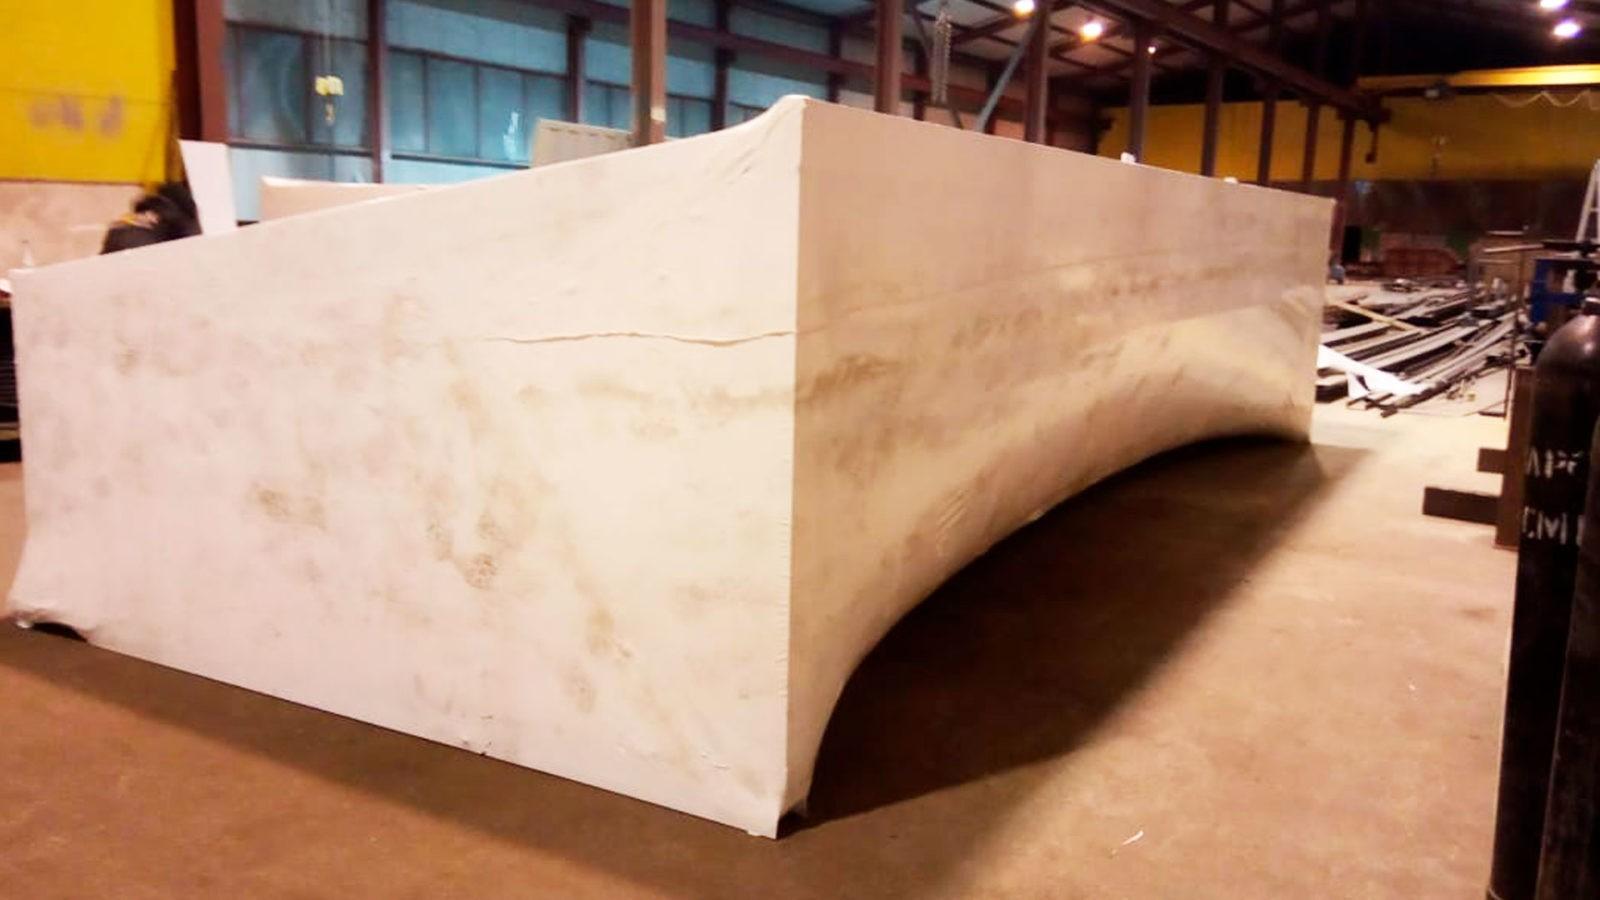 Под упаковкой промышленной продукции мы подразумеваем упаковку больших, крупных объектов